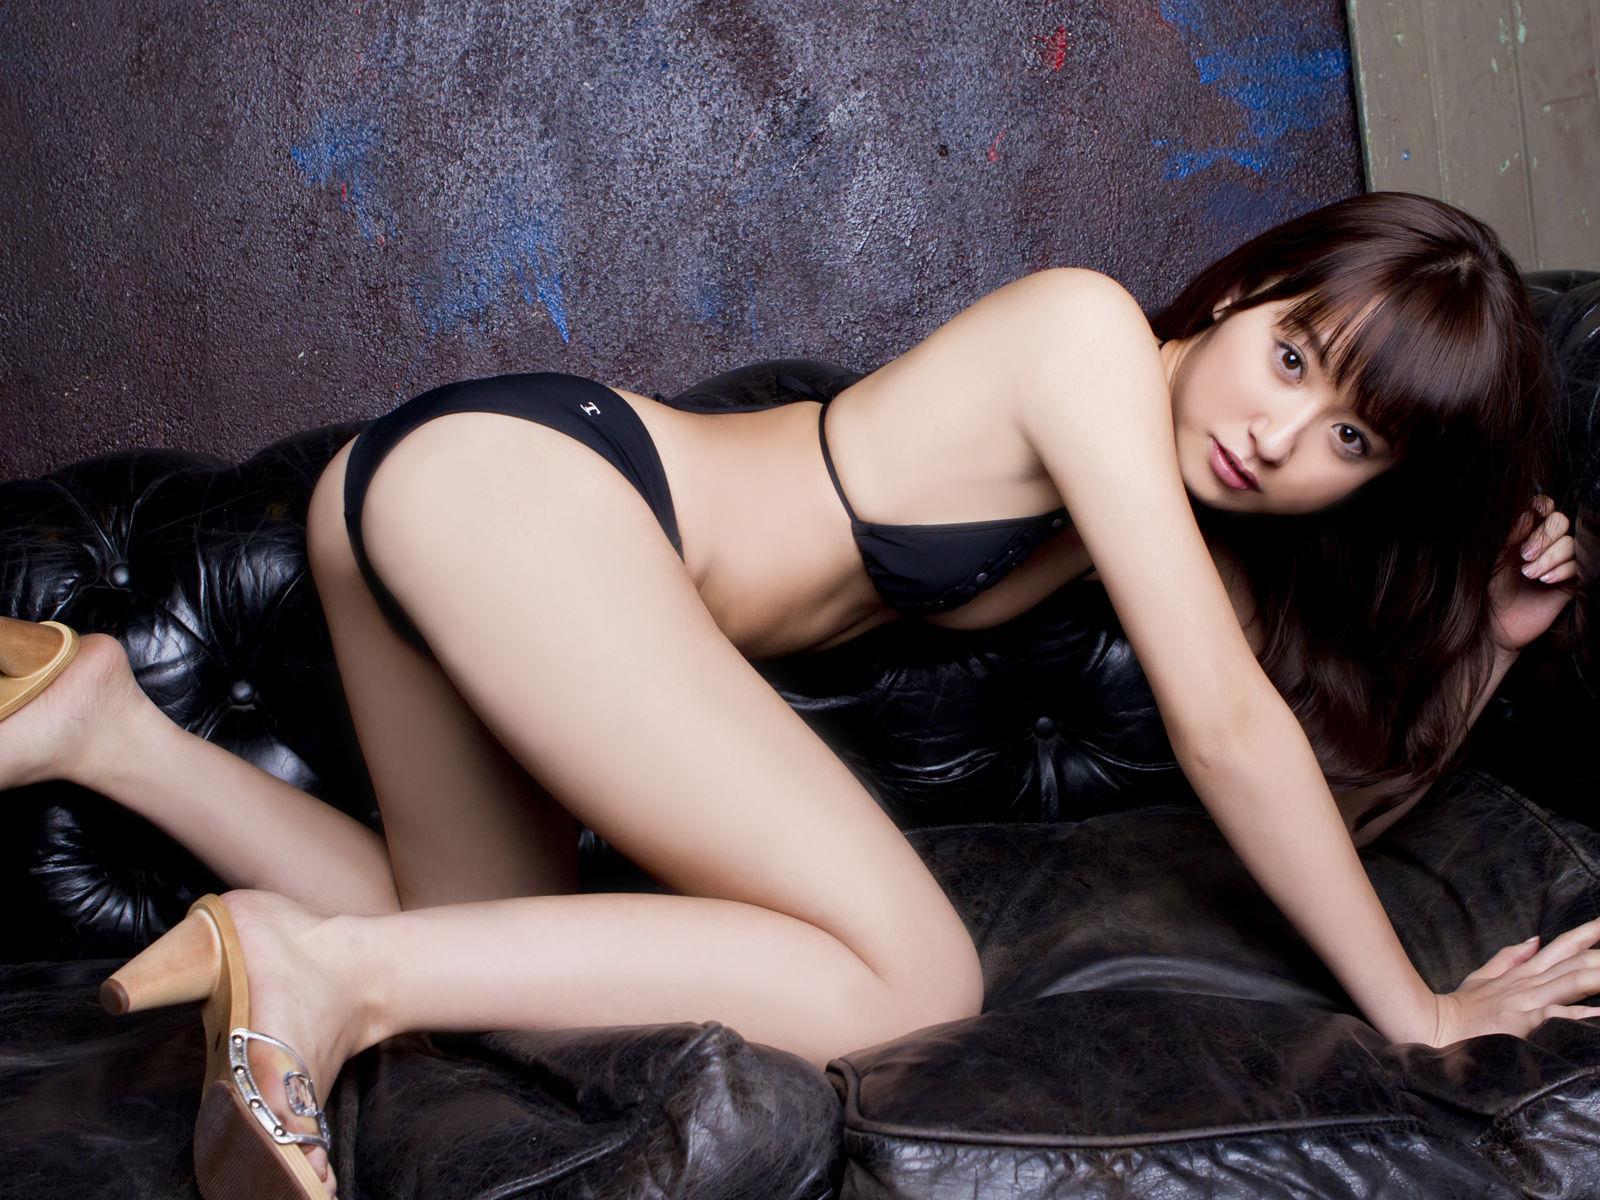 衛藤美彩 過激水着のグラビア画像 24